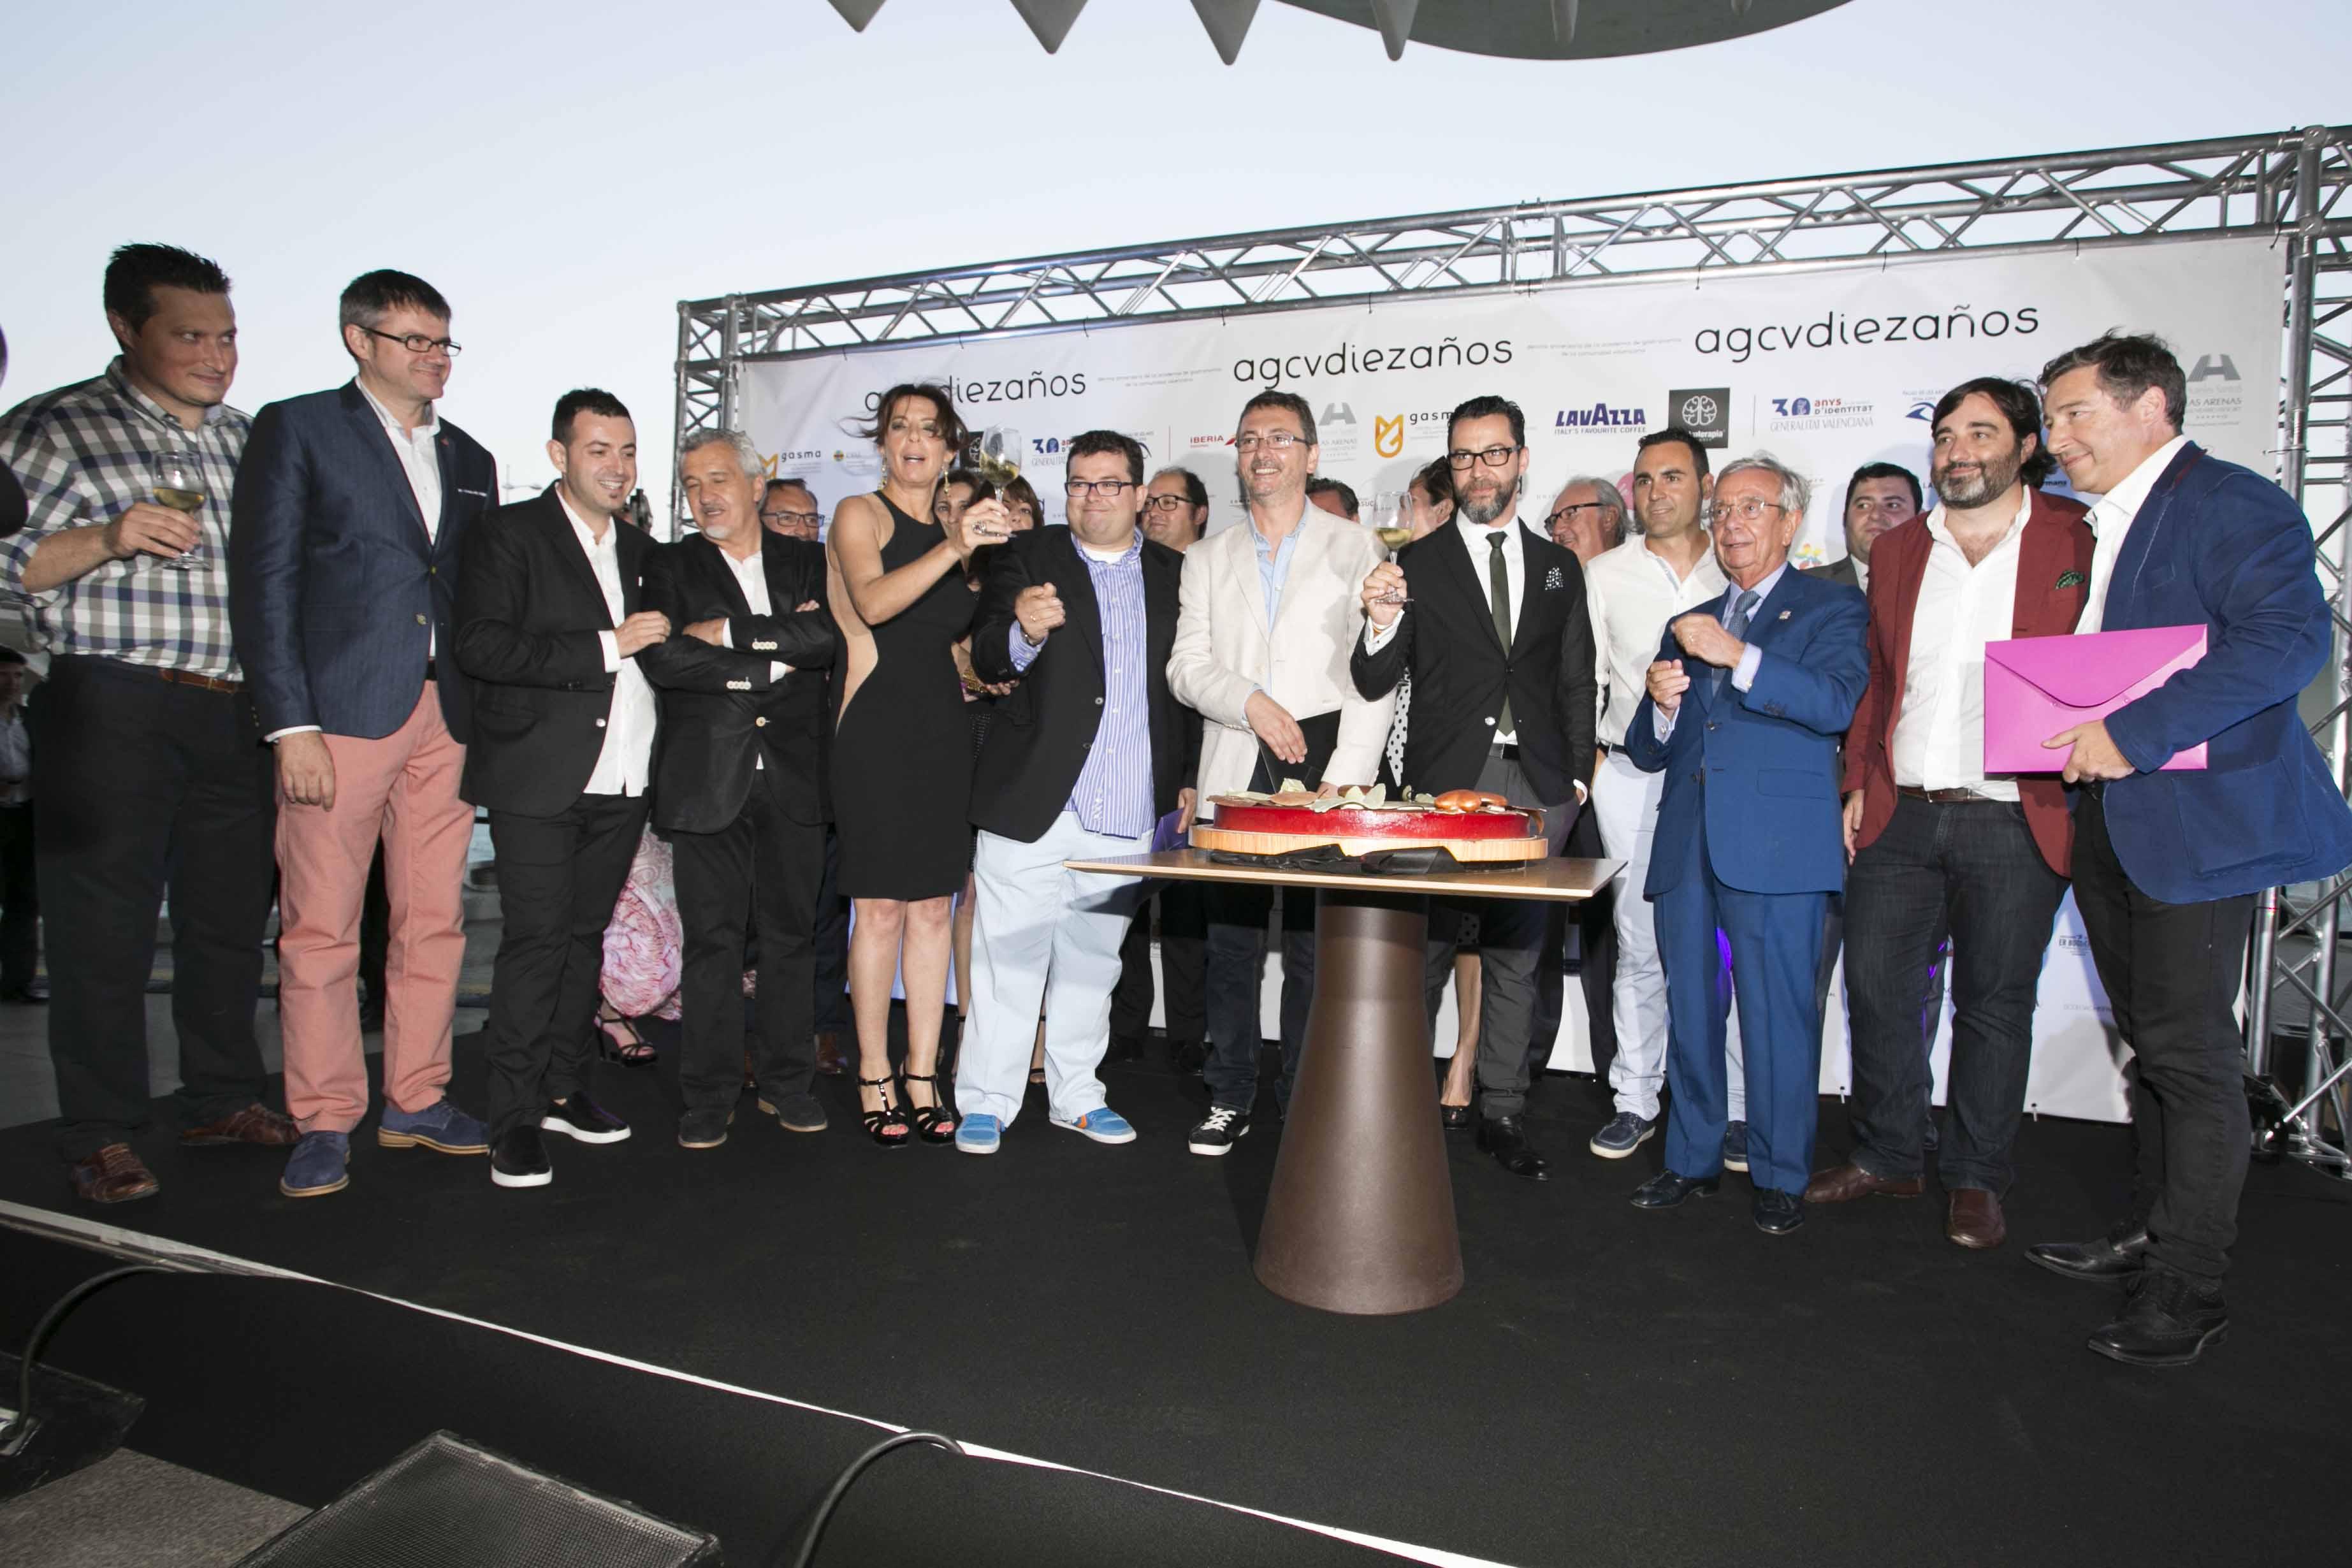 Invitados X aniversario de la Academia de Gastronomía de la Comunidad Valenciana